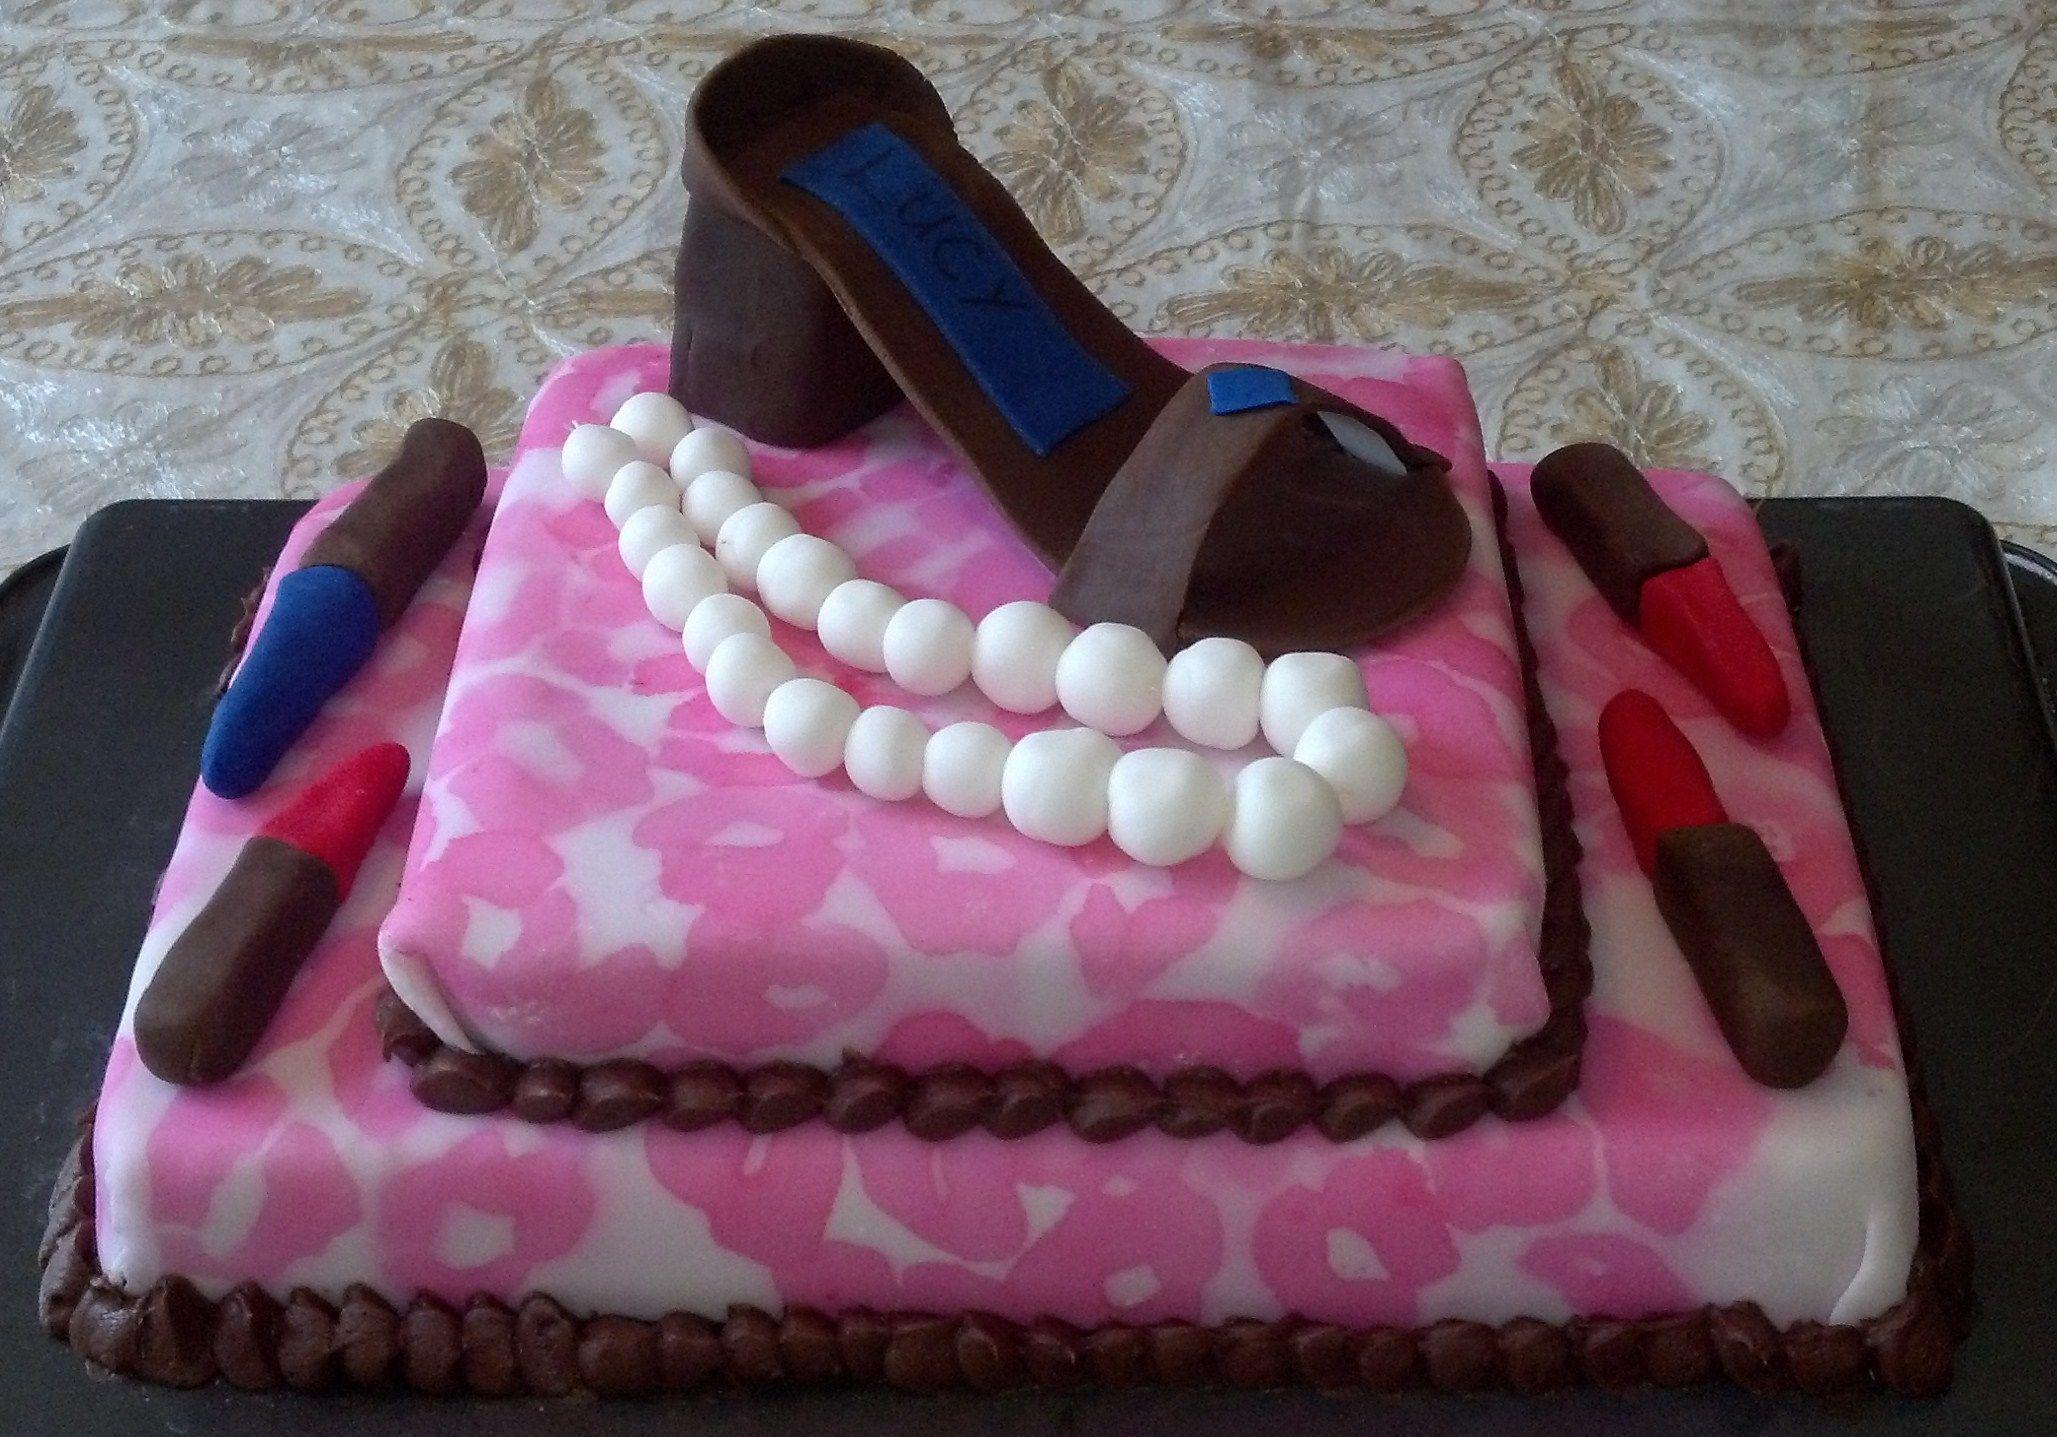 my Second cake!